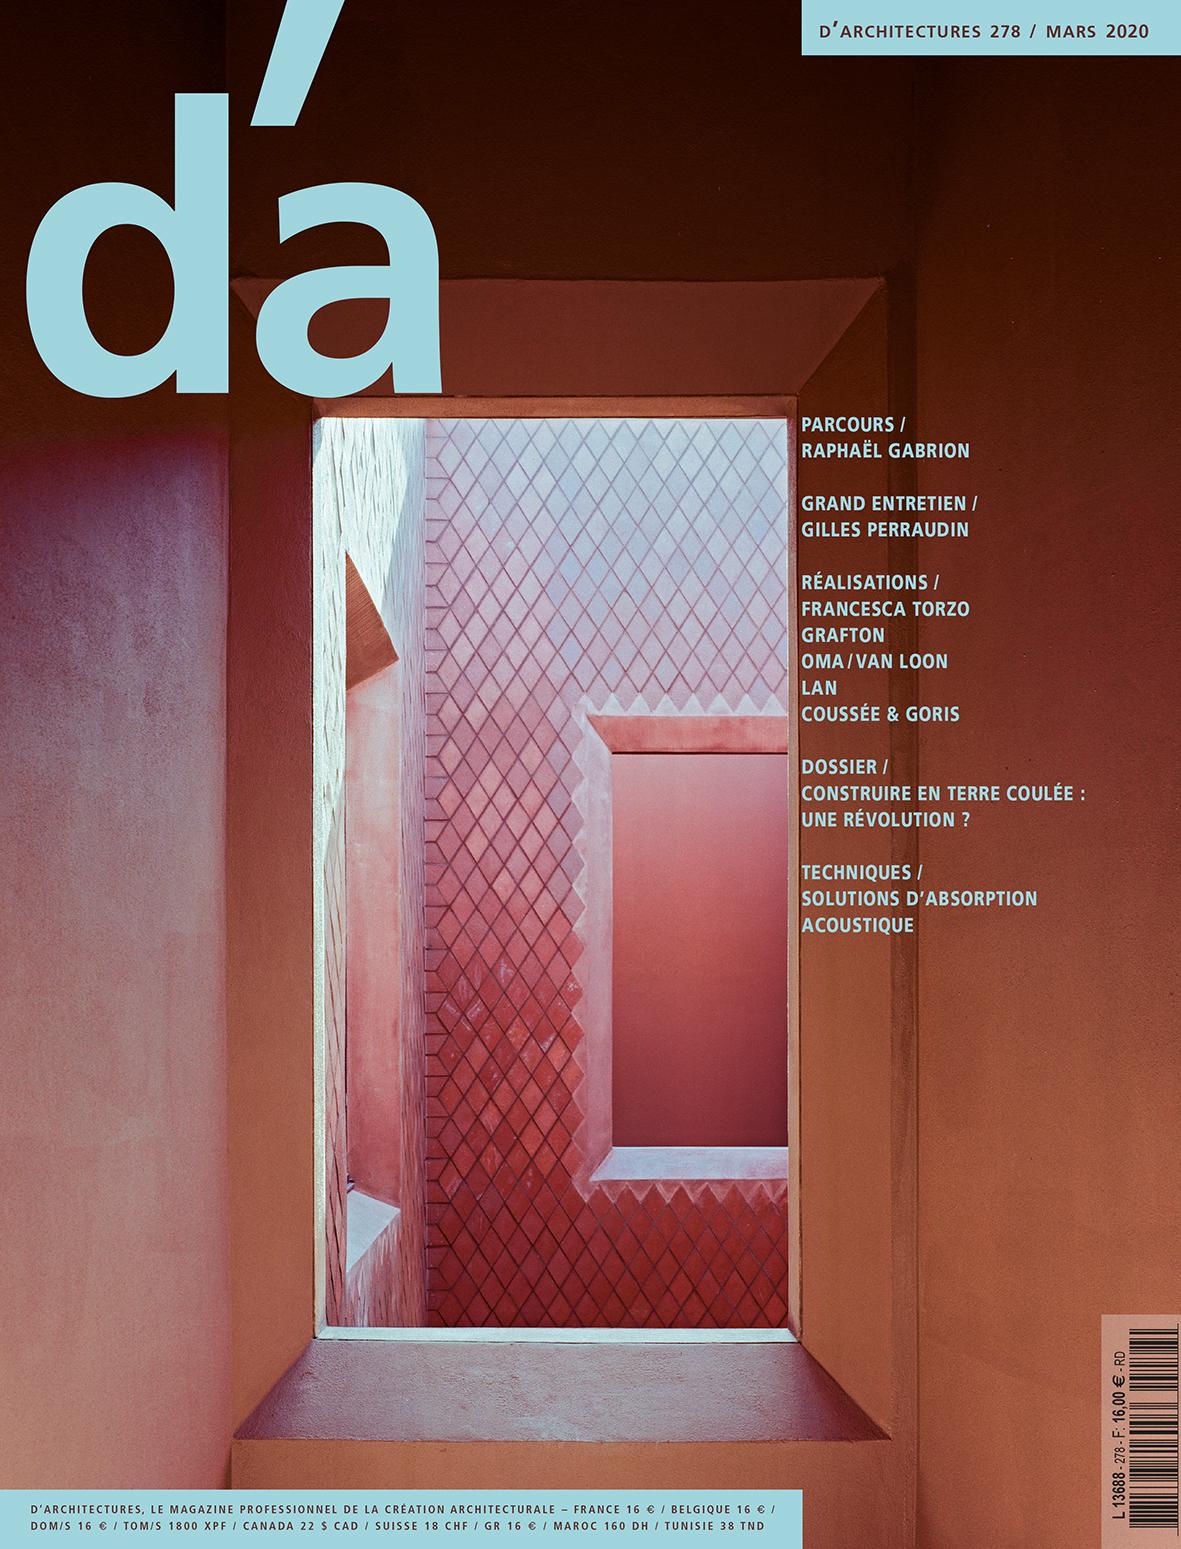 D'Architectures #278